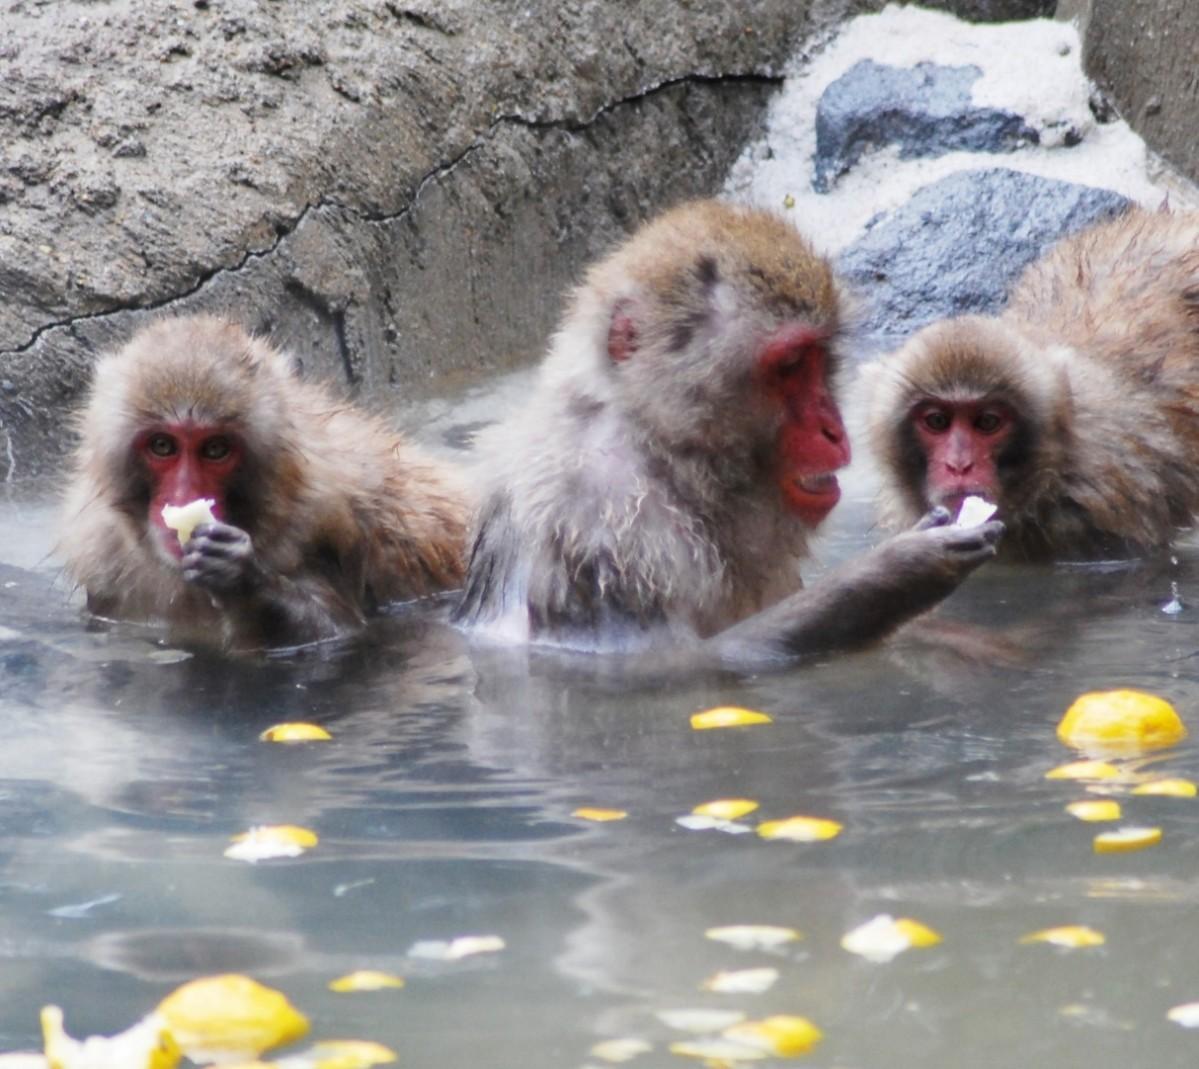 昨年のゆず湯を楽しむニホンザルの様子(福岡市動物園提供)